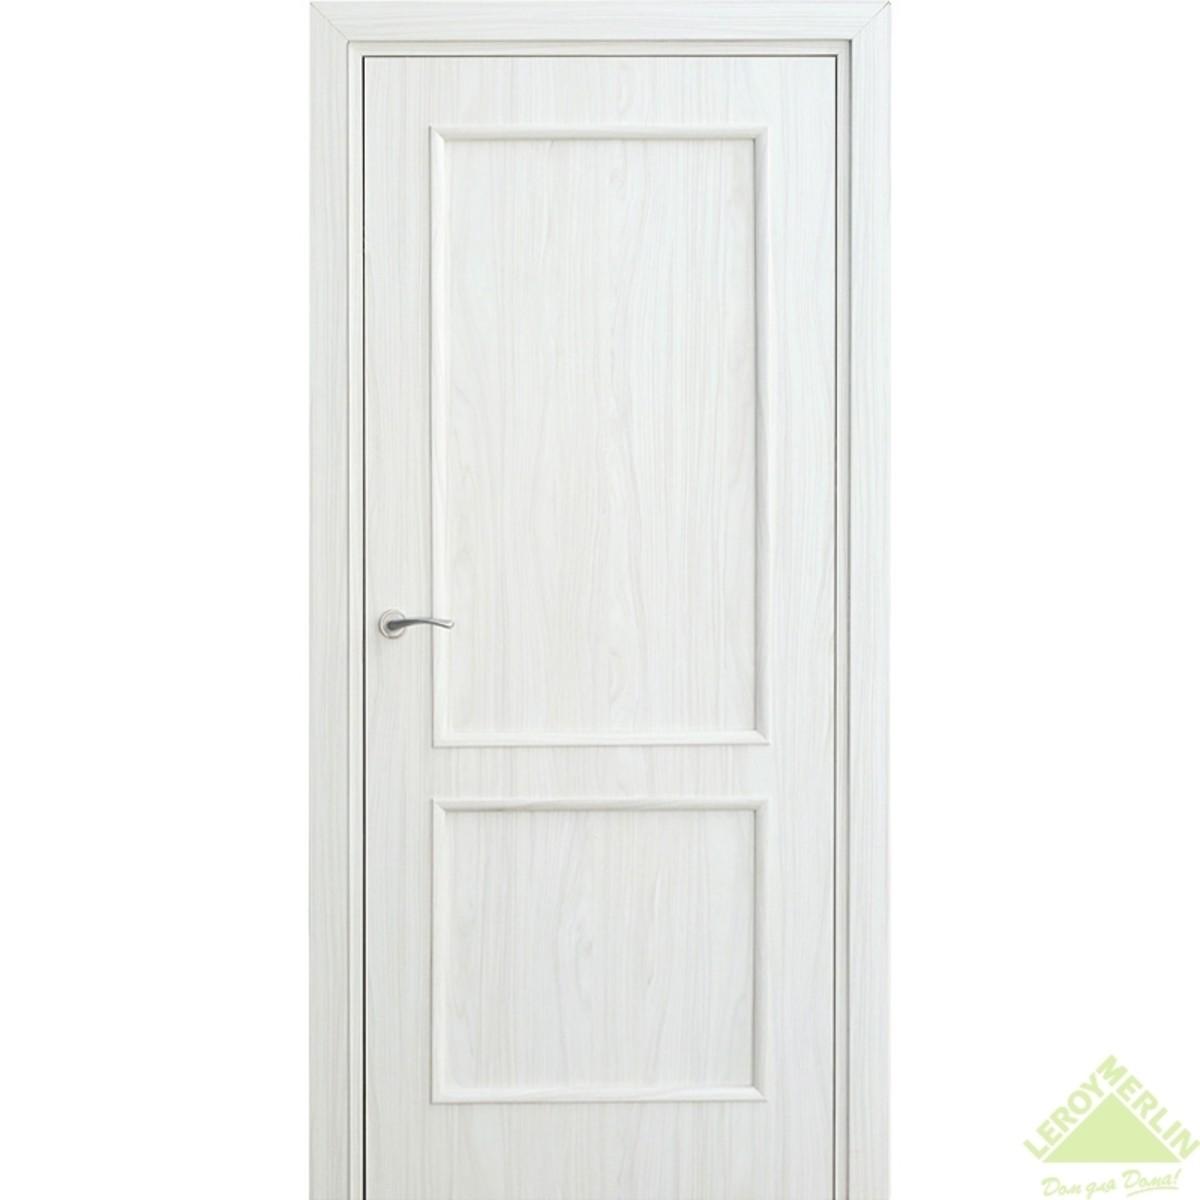 Дверь Межкомнатная Глухая Фортунато 820 700x2000 Снежный Палисандр